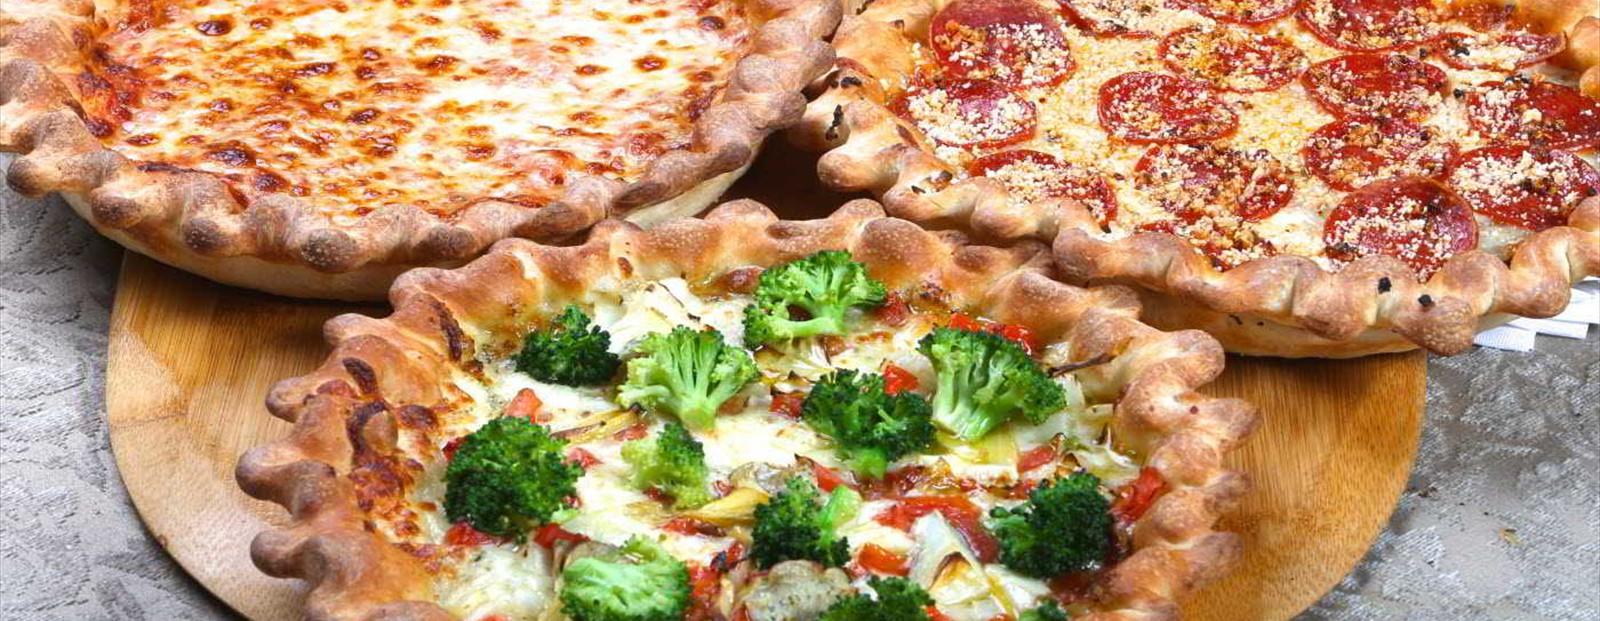 Zeppe's Pizzeria image 0